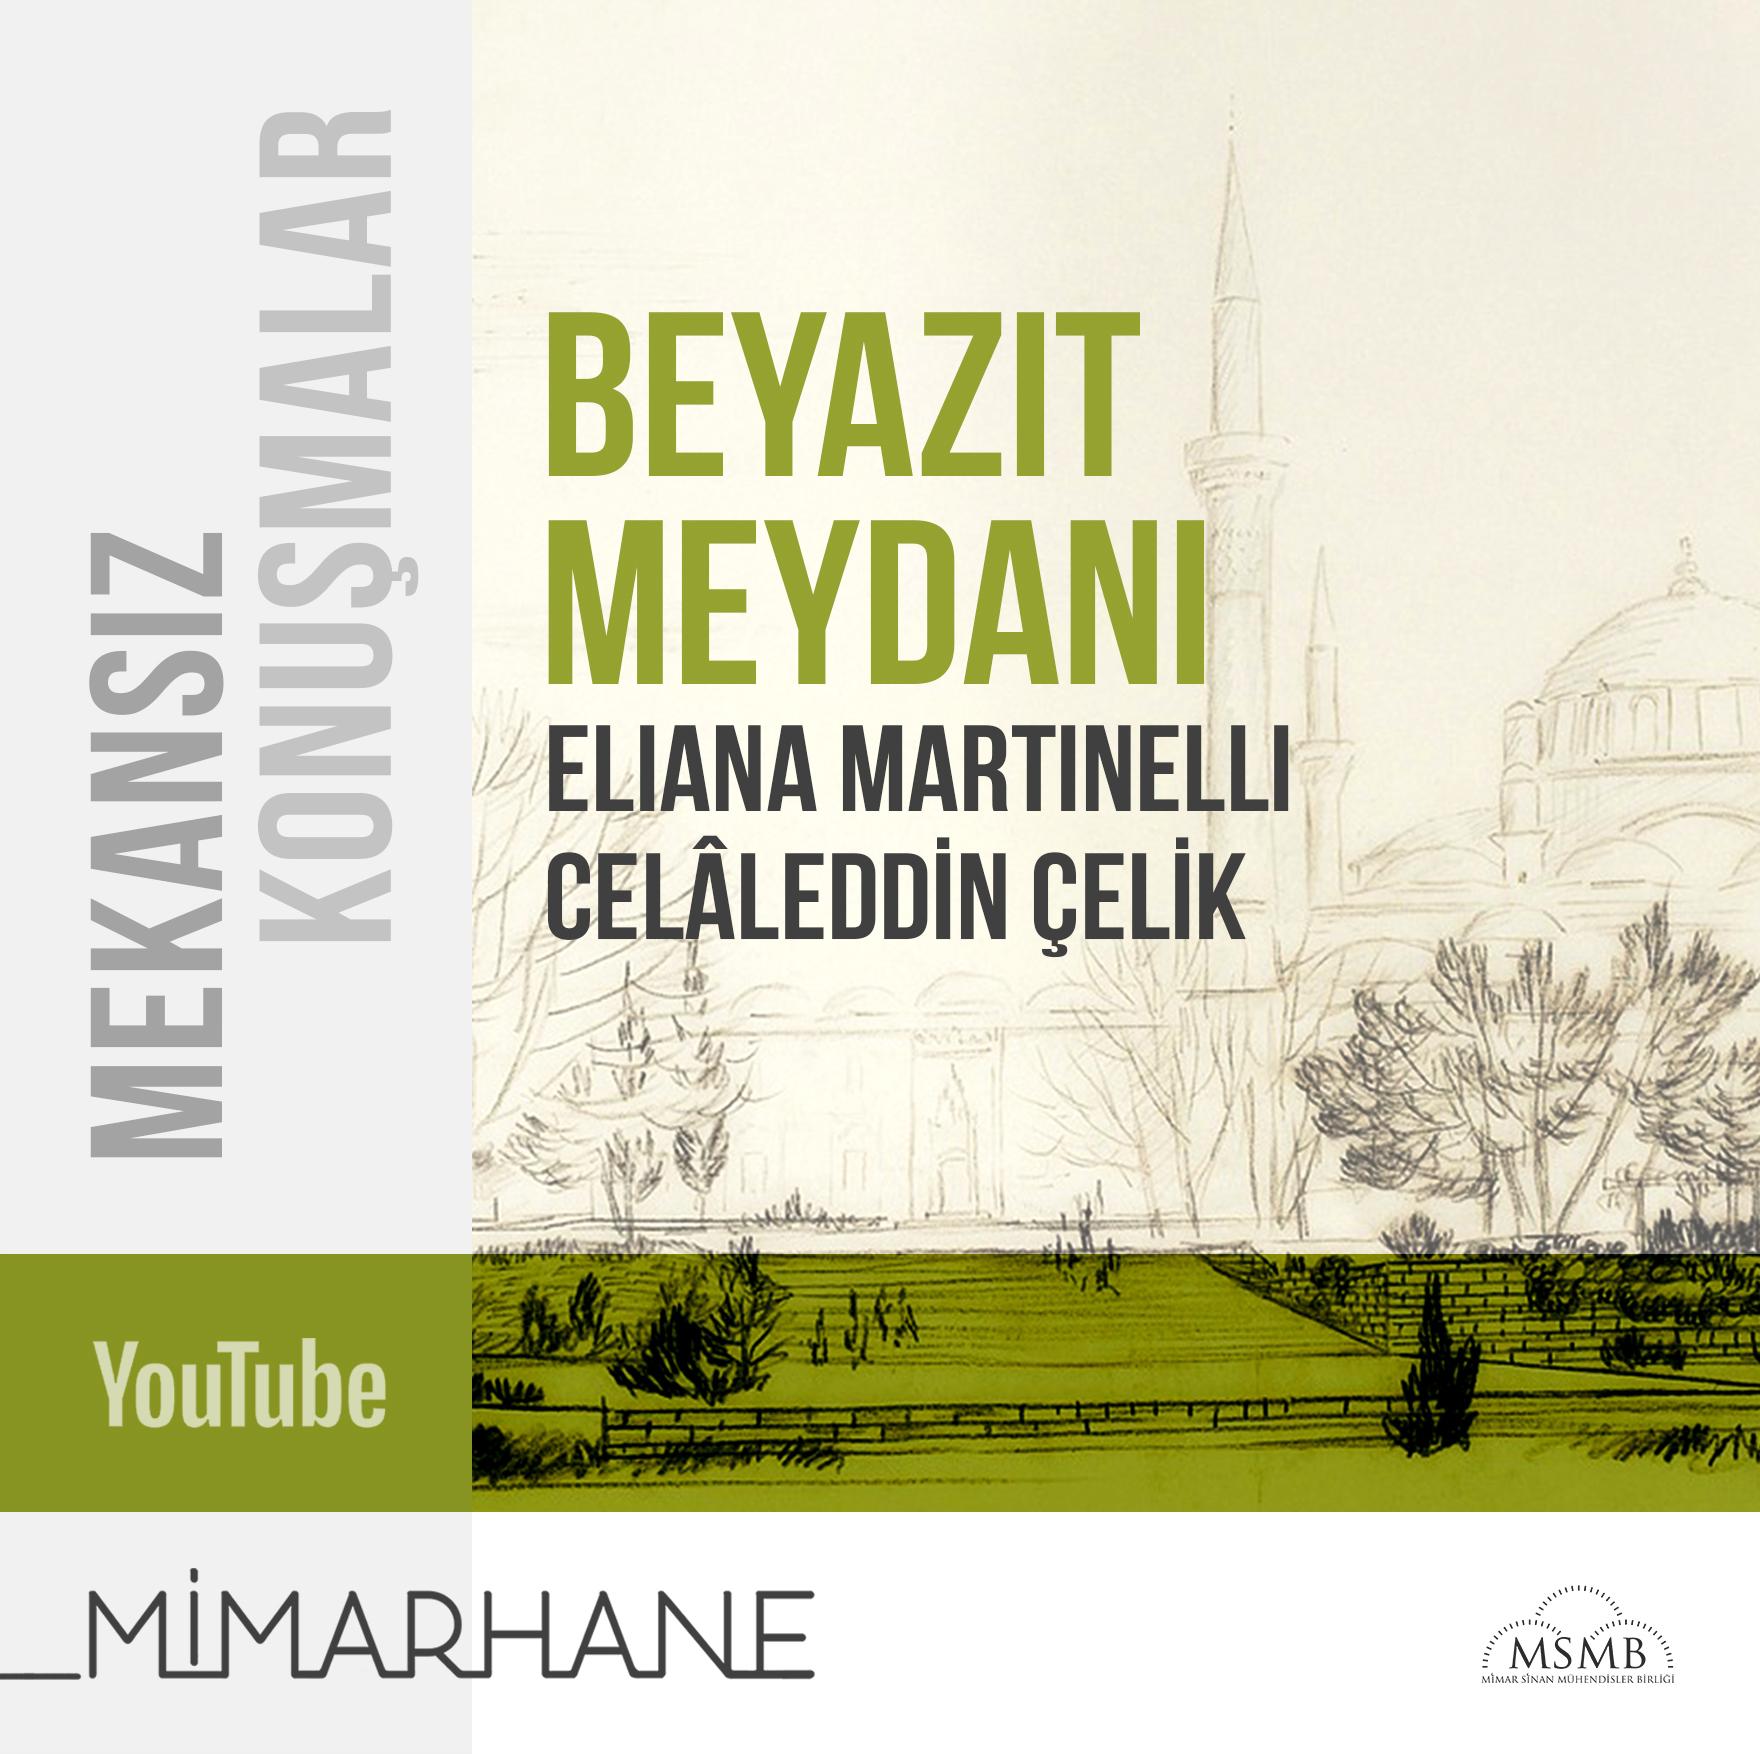 Beyazıt Meydanı   Eliana Martinelli   Celâleddin Çelik   18 Eylül 2020